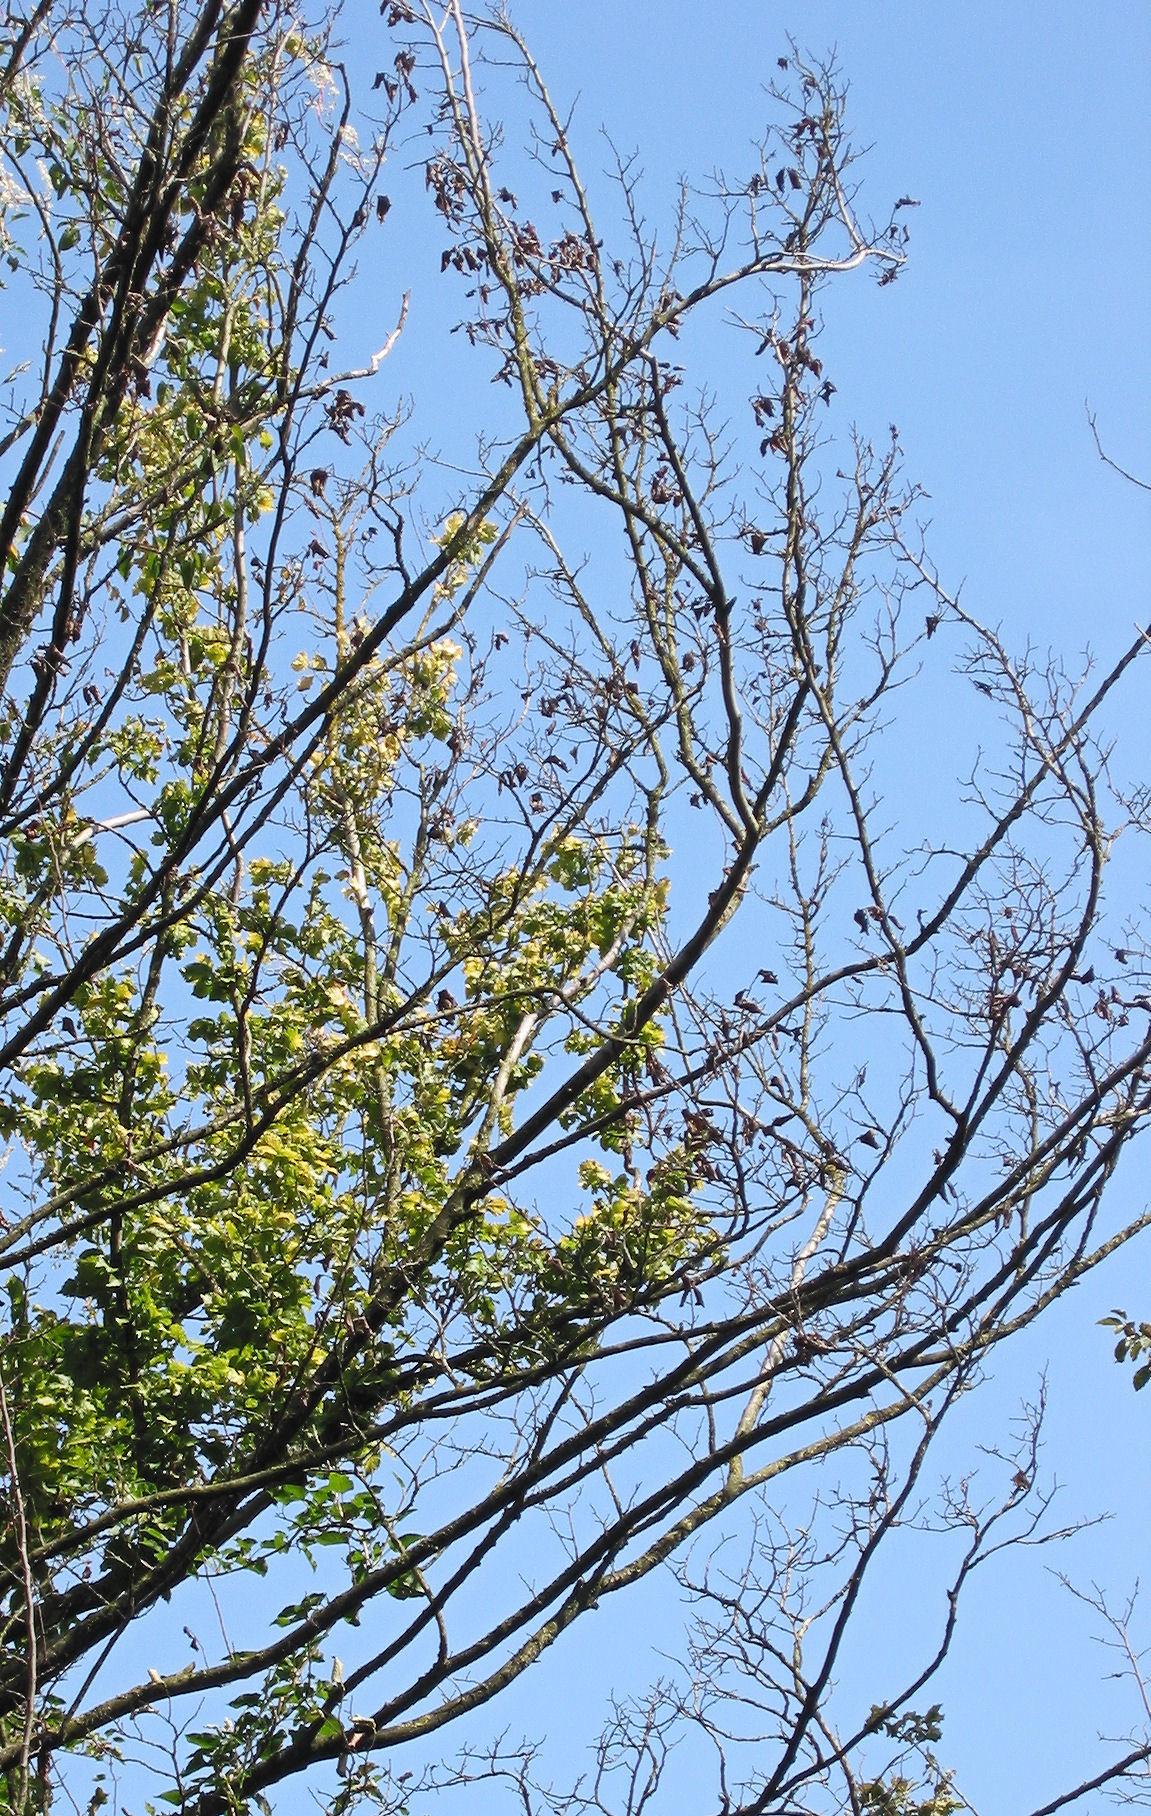 Image of Dutch elm disease